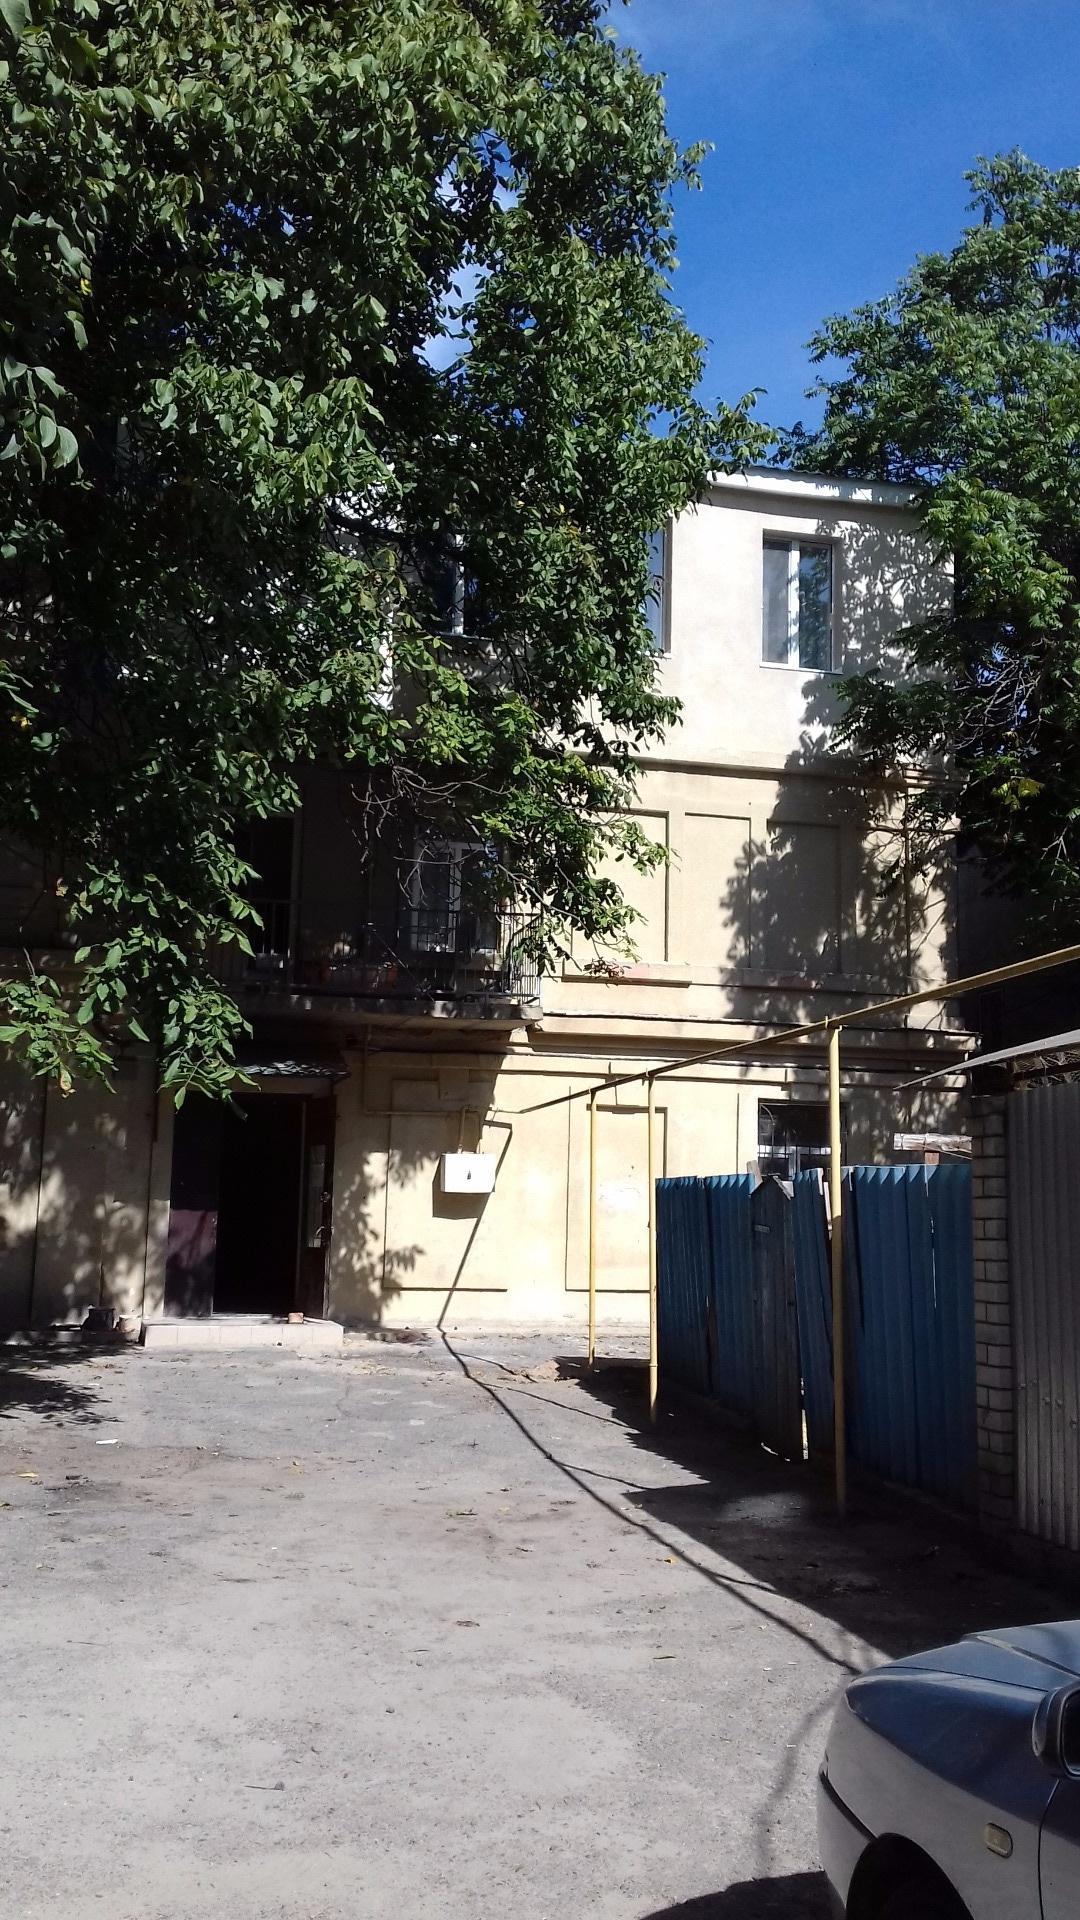 Продается 1-комнатная квартира на ул. Разумовская (Орджоникидзе) — 16 000 у.е. (фото №2)